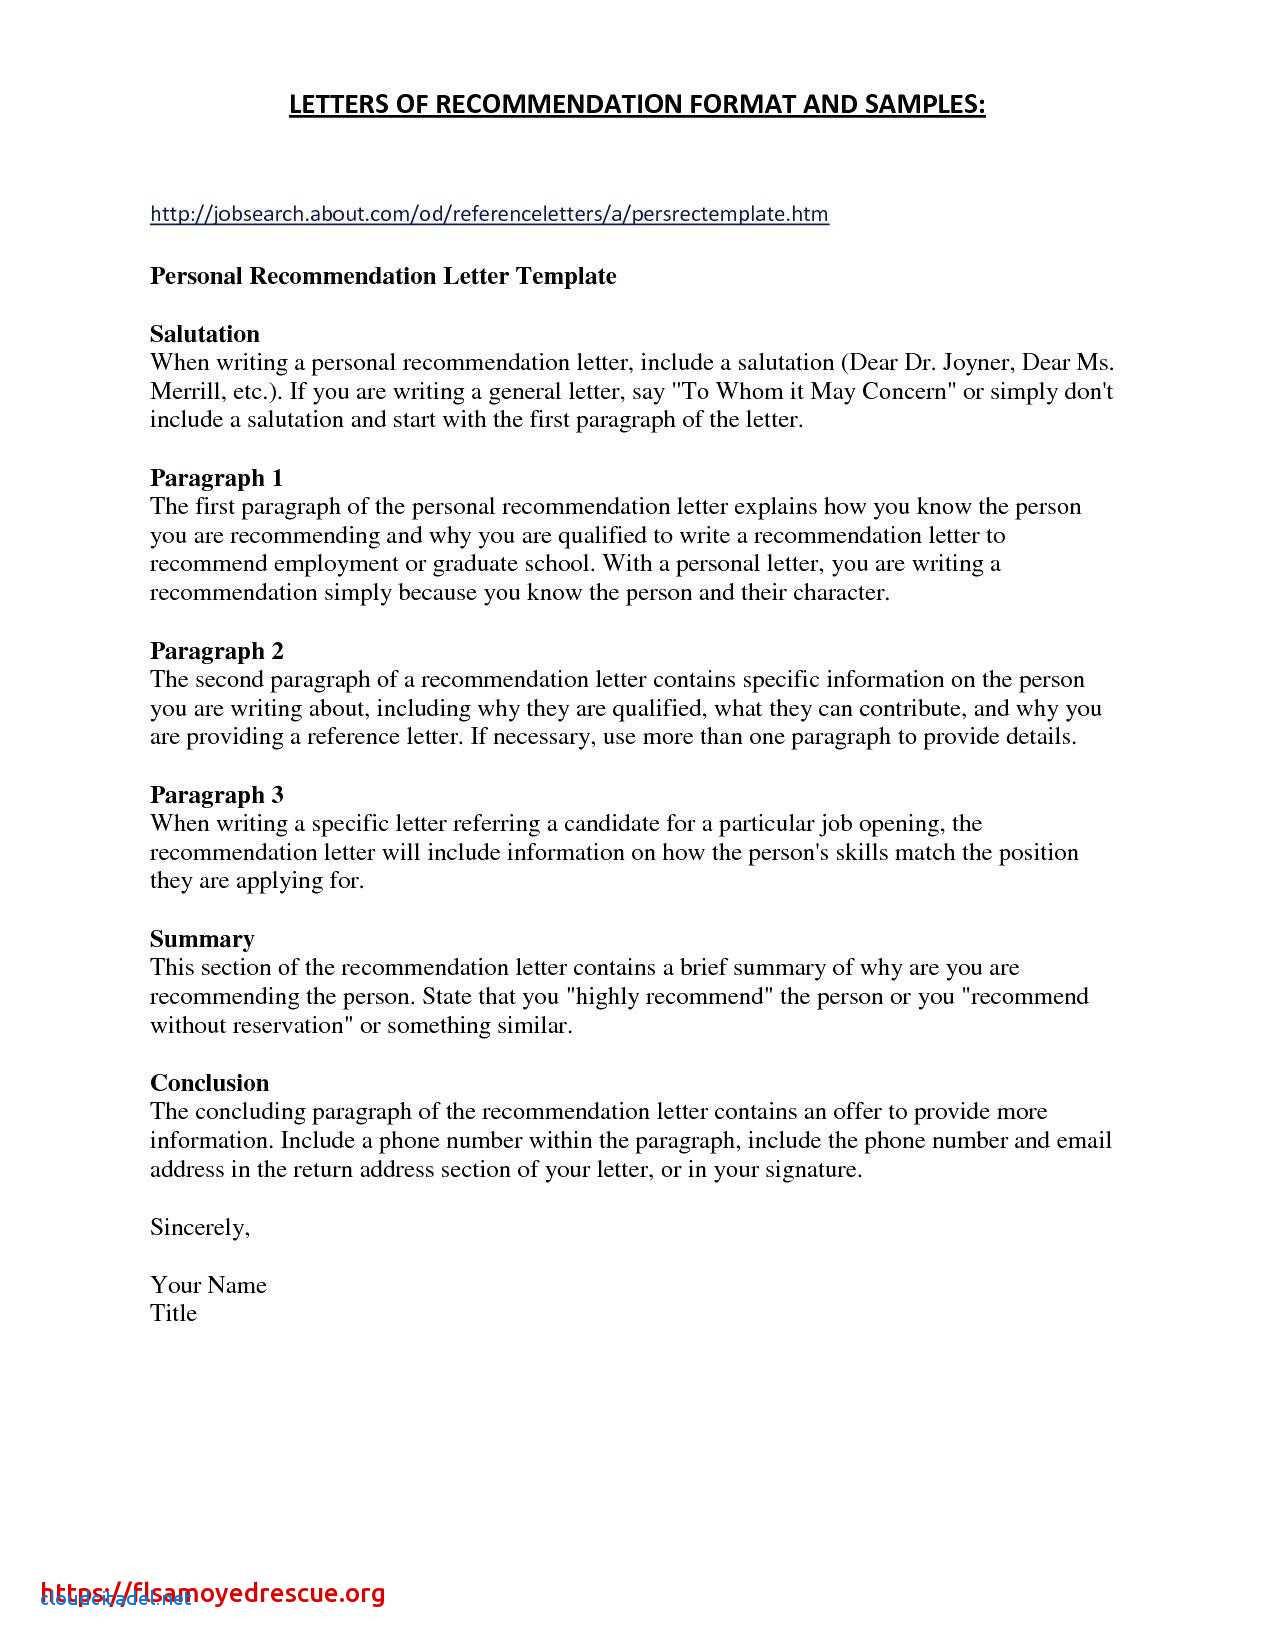 609 Letter Template - Elegant Letter Sample format Doc